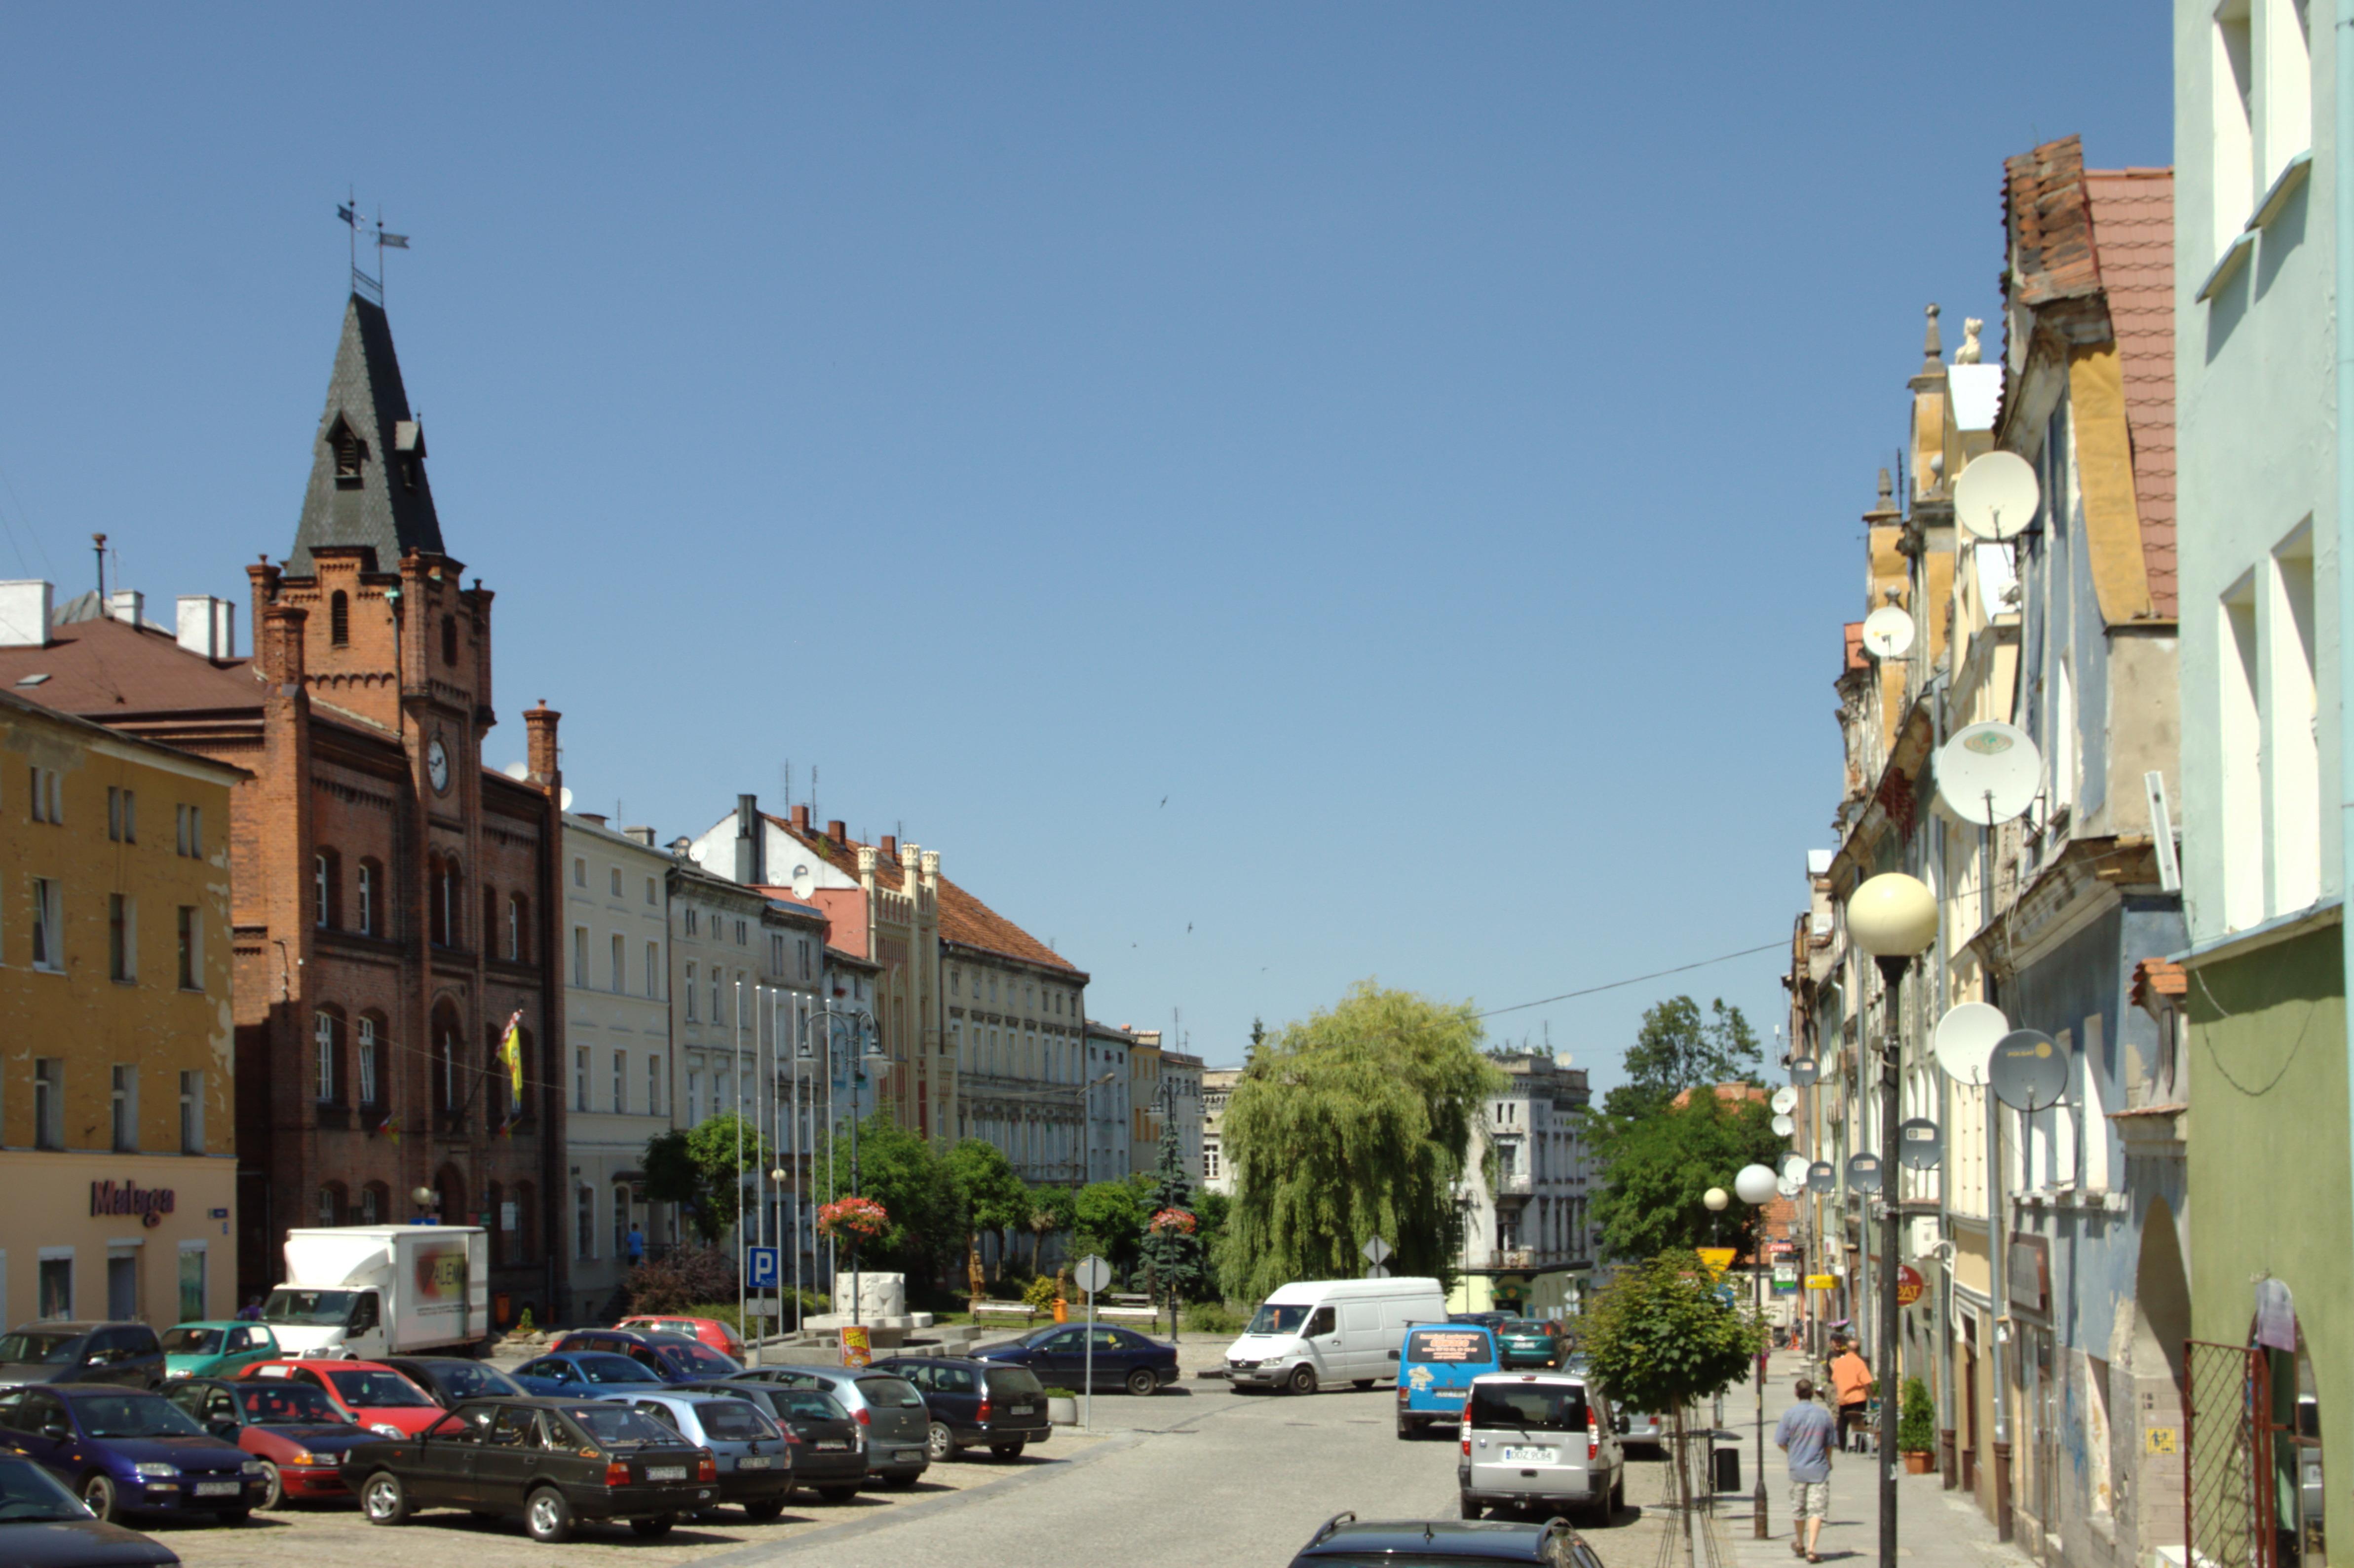 File:Niemcza, náměstí.jpg - Wikimedia Commons: commons.wikimedia.org/wiki/File:Niemcza,_náměstí.jpg